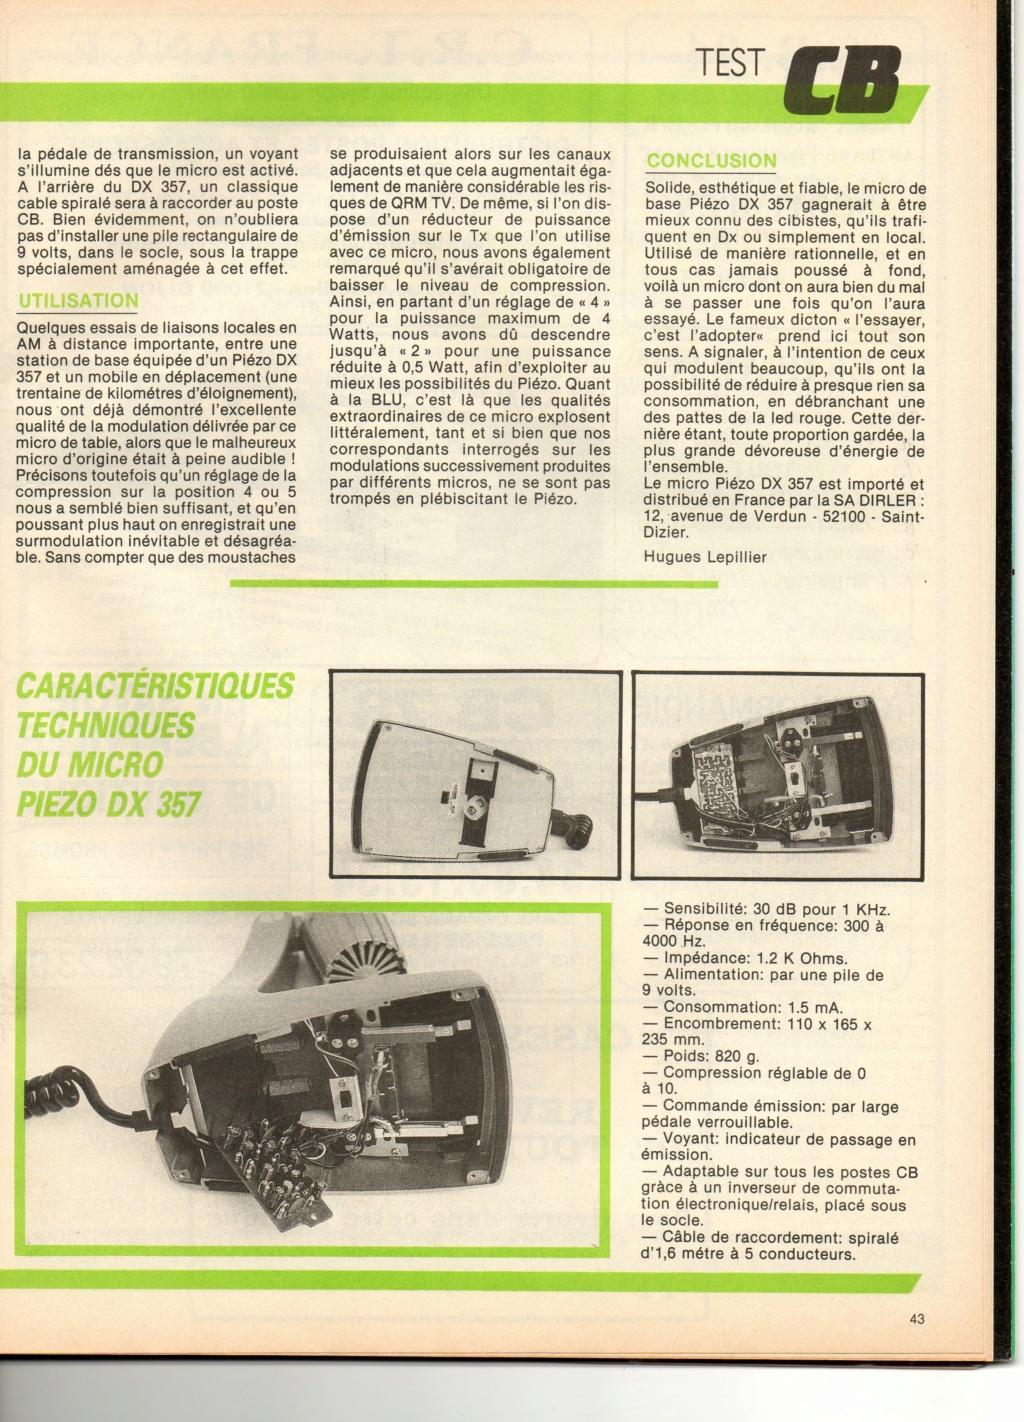 DX357 - PIEZO DX357 Img32810